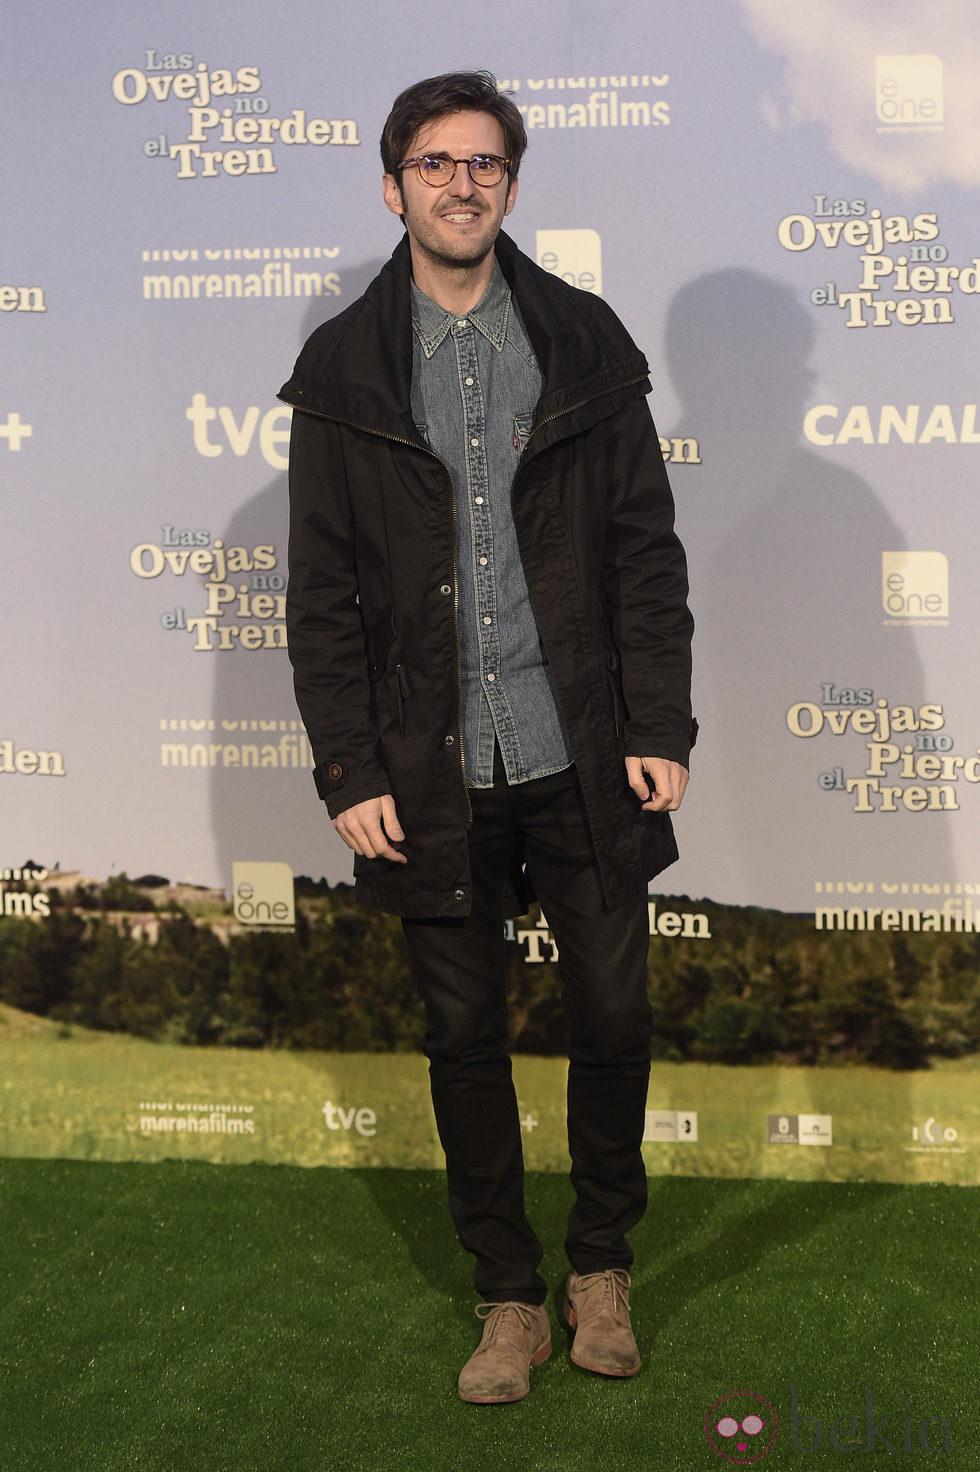 Julián López en el estreno de 'Las ovejas no pierden el tren'